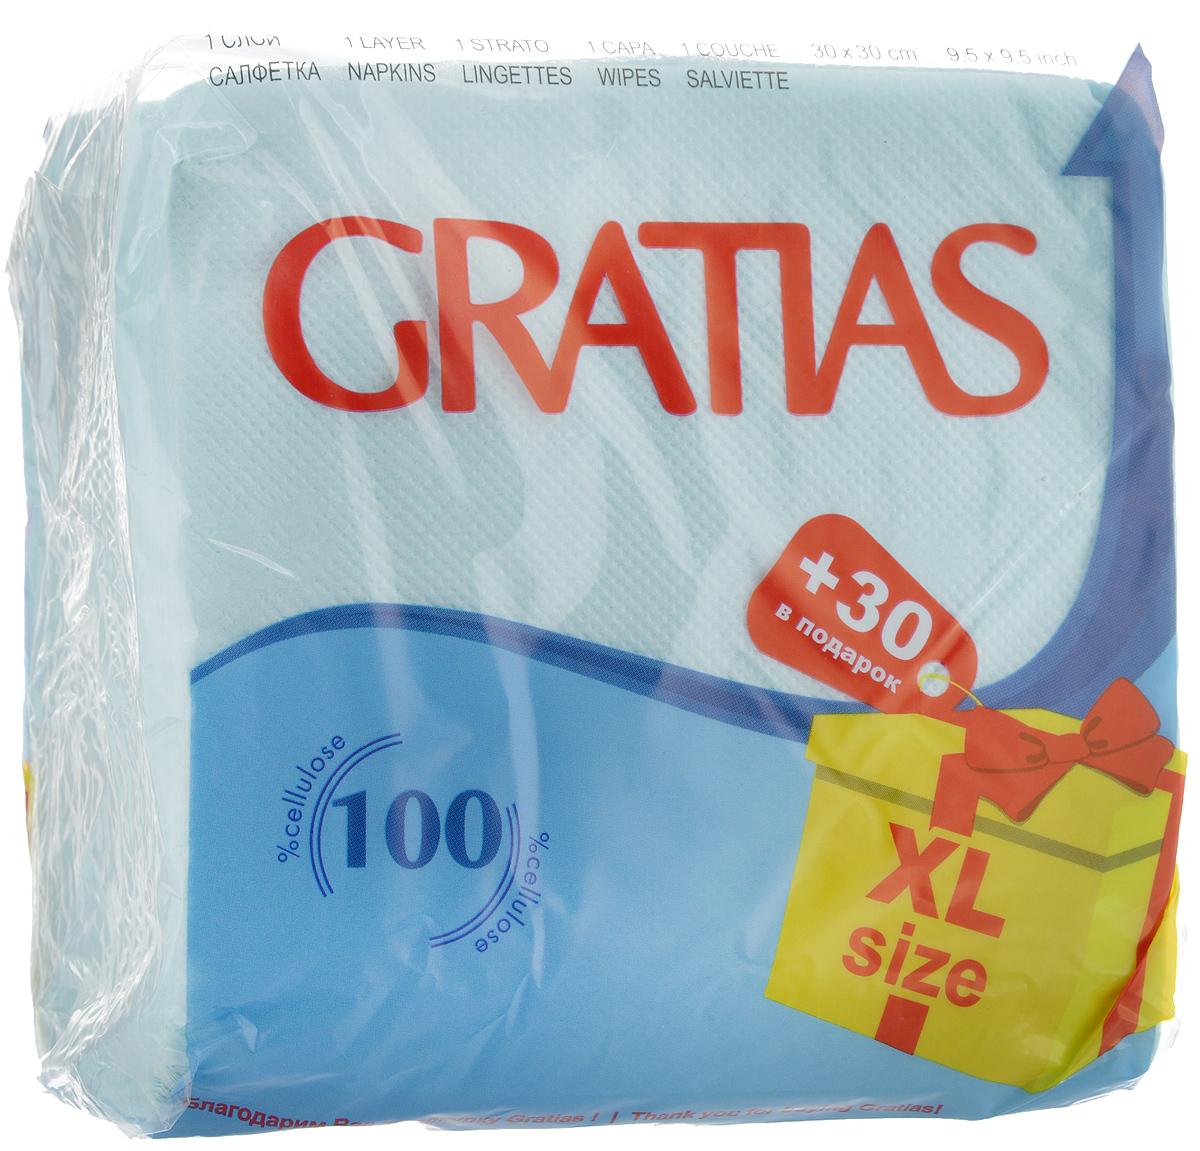 Салфетки бумажные Gratias Пастель микс, однослойные, 30 х 30 см, 120 шт1516Однослойные бумажные салфетки Gratias Пастель микс мягкие, но в то же время прочные. Они подходят для косметического, санитарно-гигиенического и хозяйственного назначения. Обладают хорошими впитывающими свойствами. Салфетки красиво оформят сервировку стола. Материал: 100% целлюлоза. Размер салфетки: 30 х 30 см. Комплектация: 120 шт.